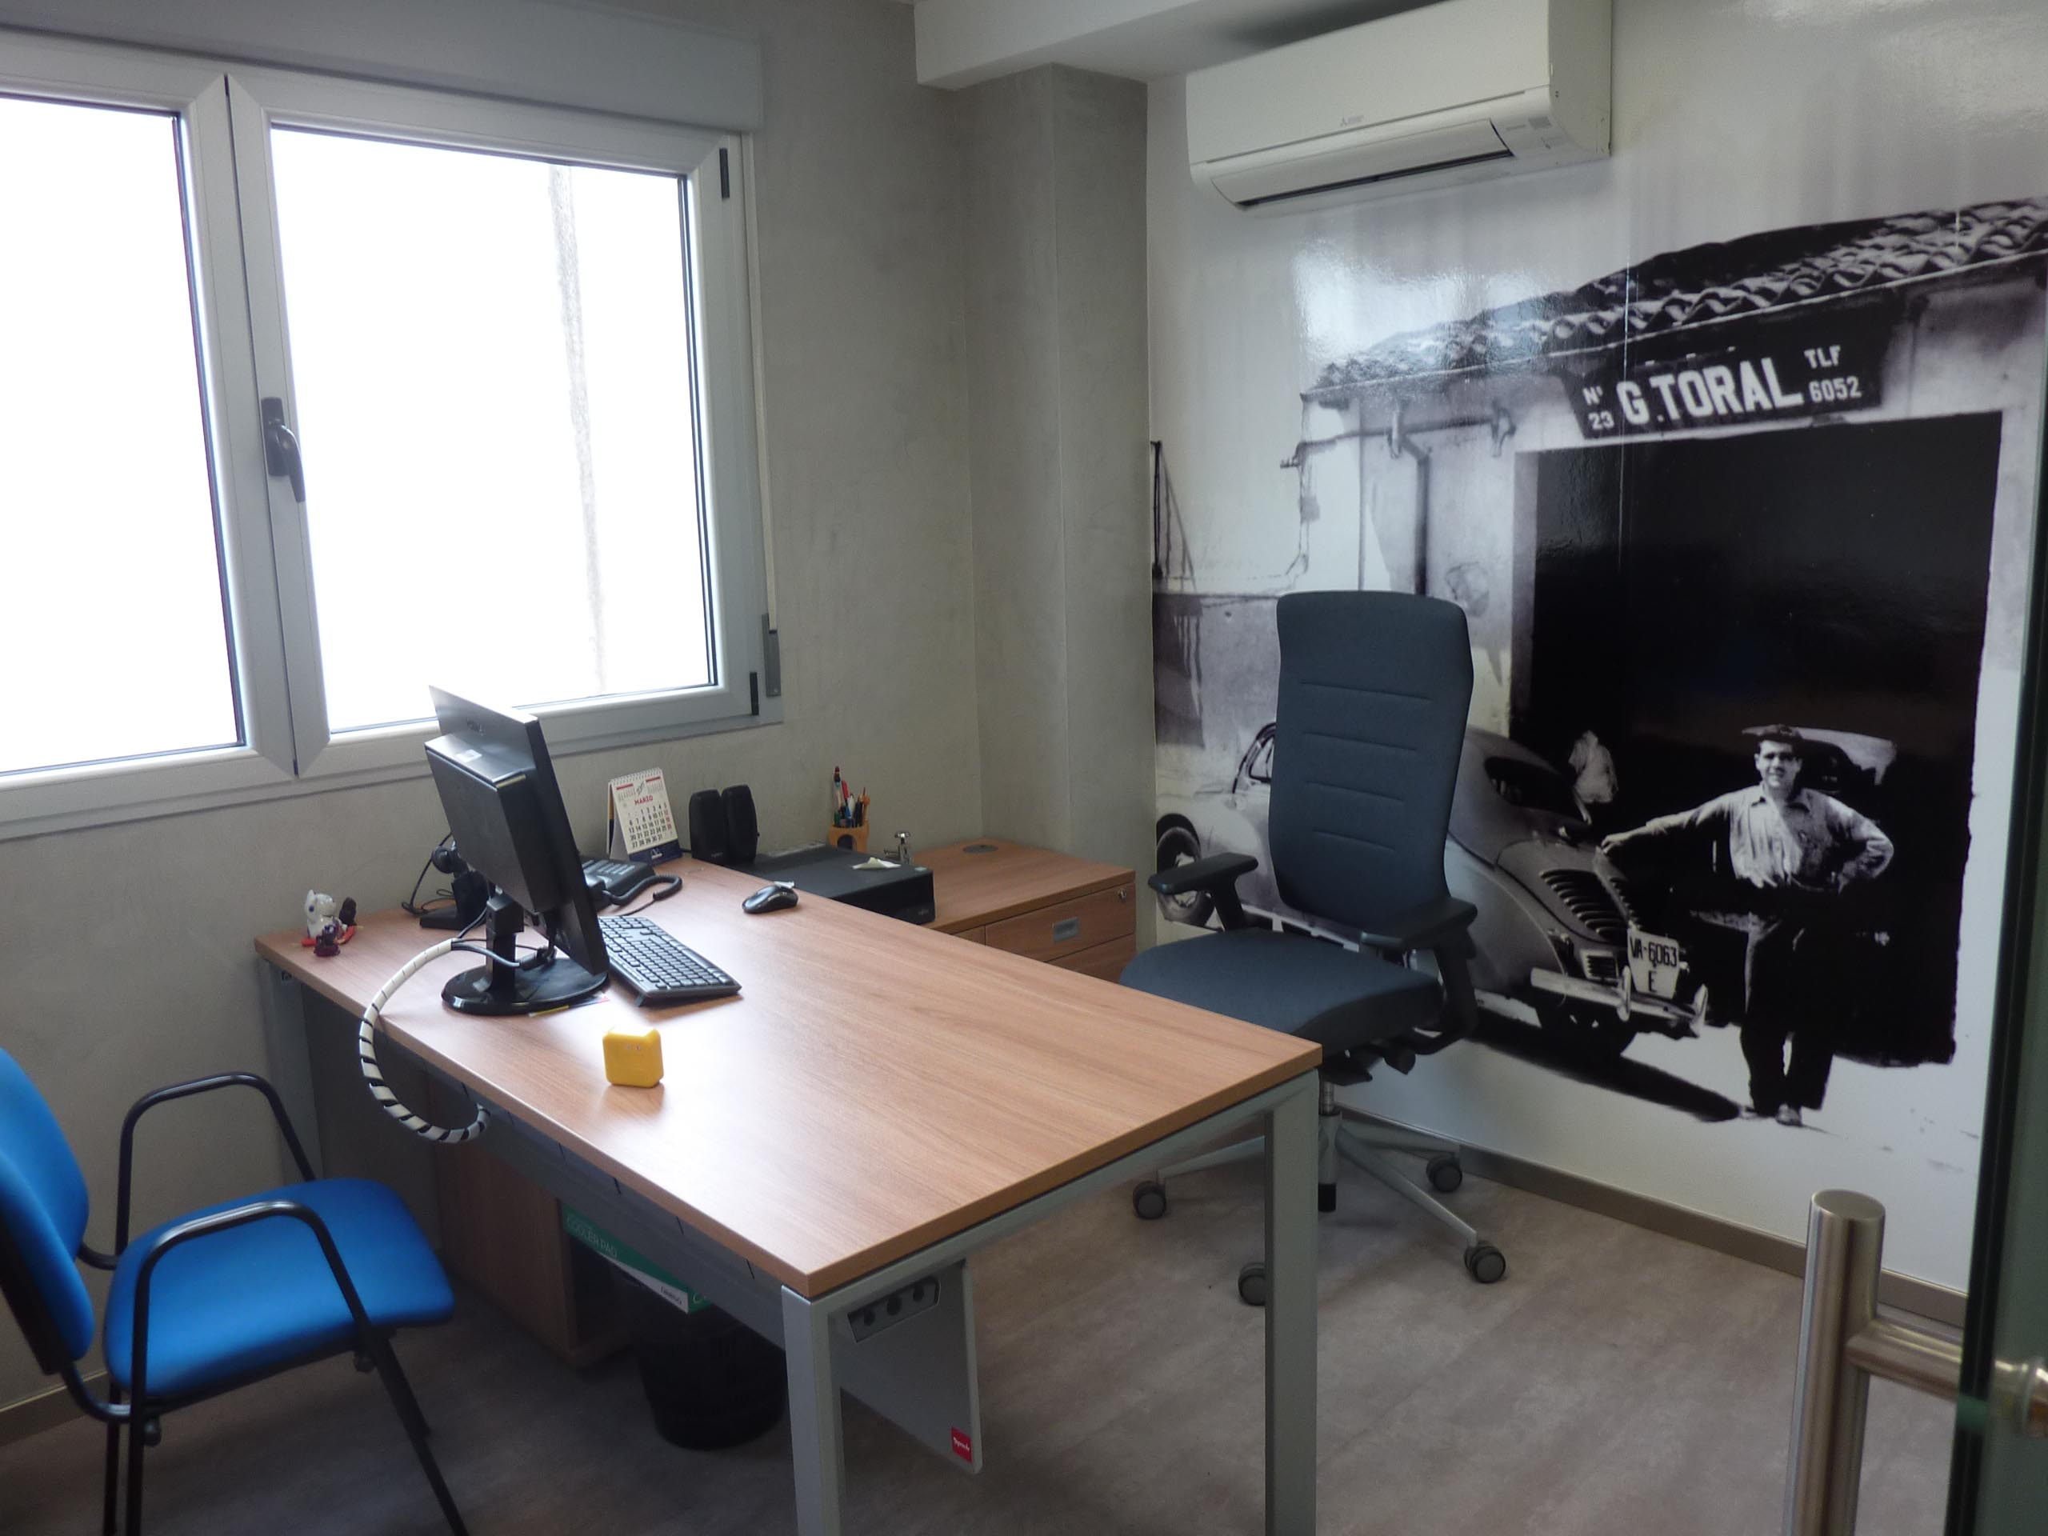 Proyecto oficinas Toral sala dirección | Muebles de oficina Spacio